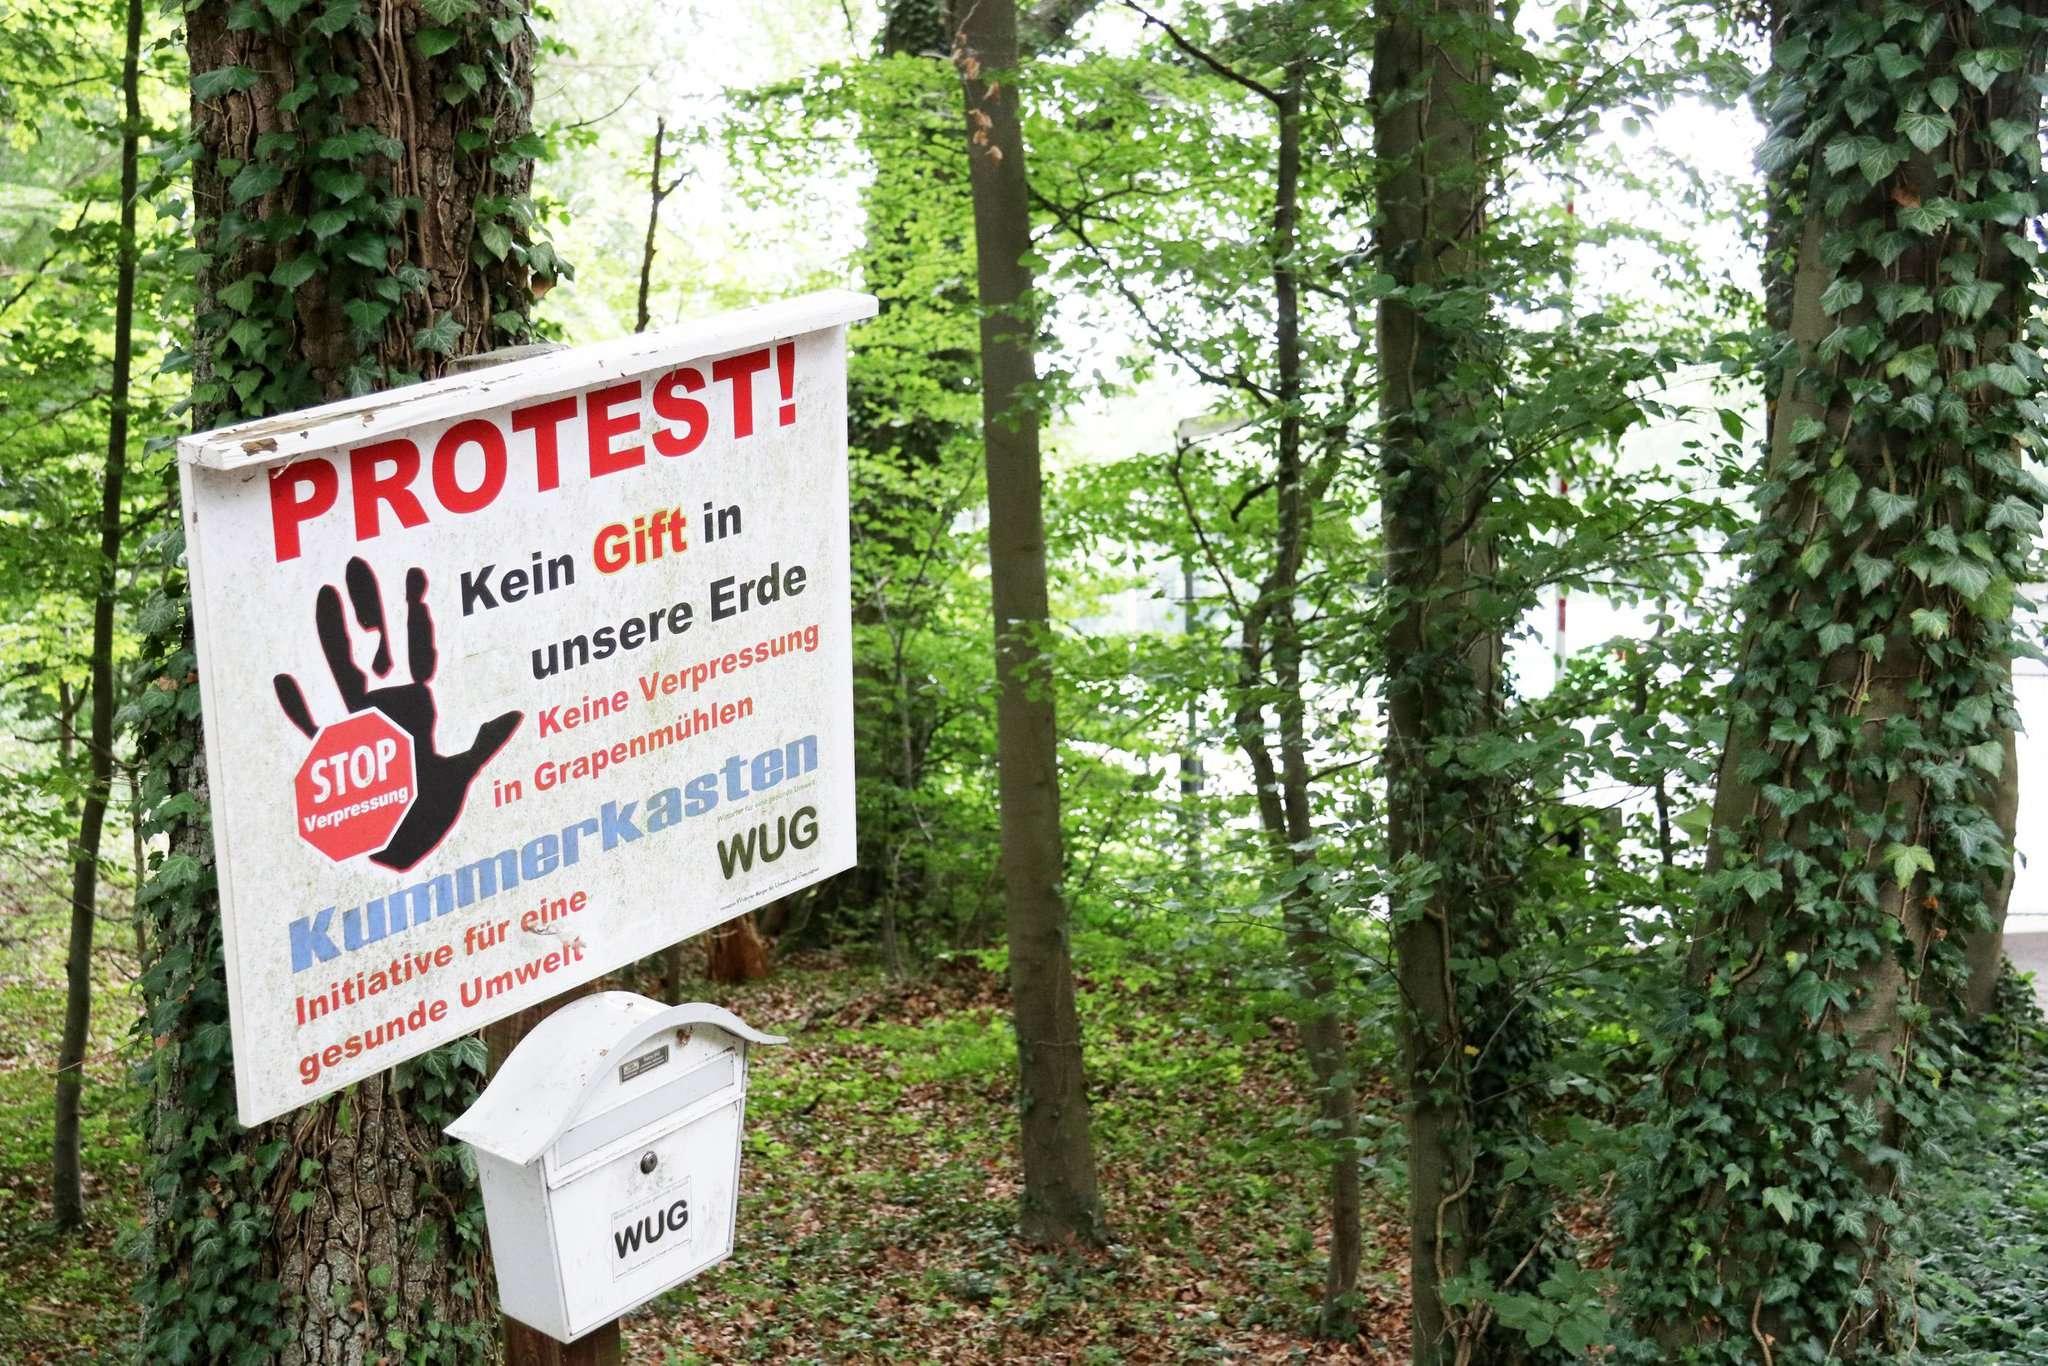 Seit langem protestiert die WUG mit einem Schild an der ehemaligen Verpressstelle u2013 und fordert nun ein Monitoring. Foto: Nina Baucke